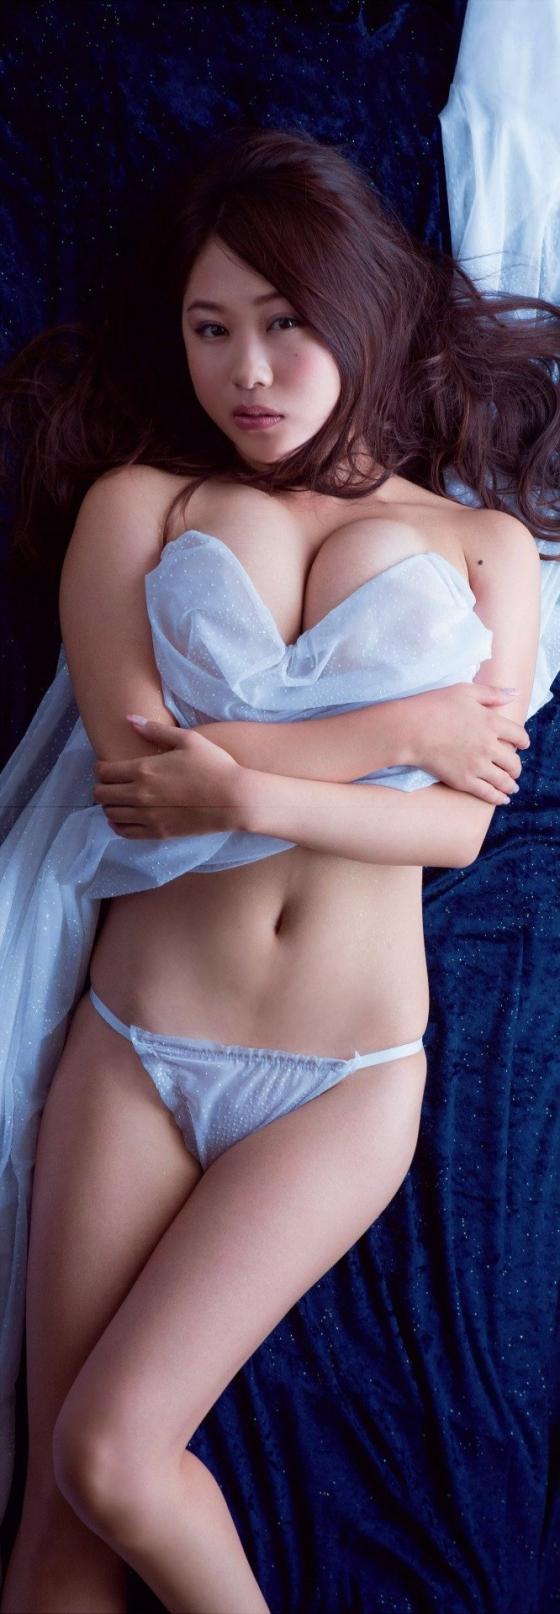 西田麻衣 DVDまいまっくす まいべすとの垂れ乳Iカップキャプ 画像45枚 44